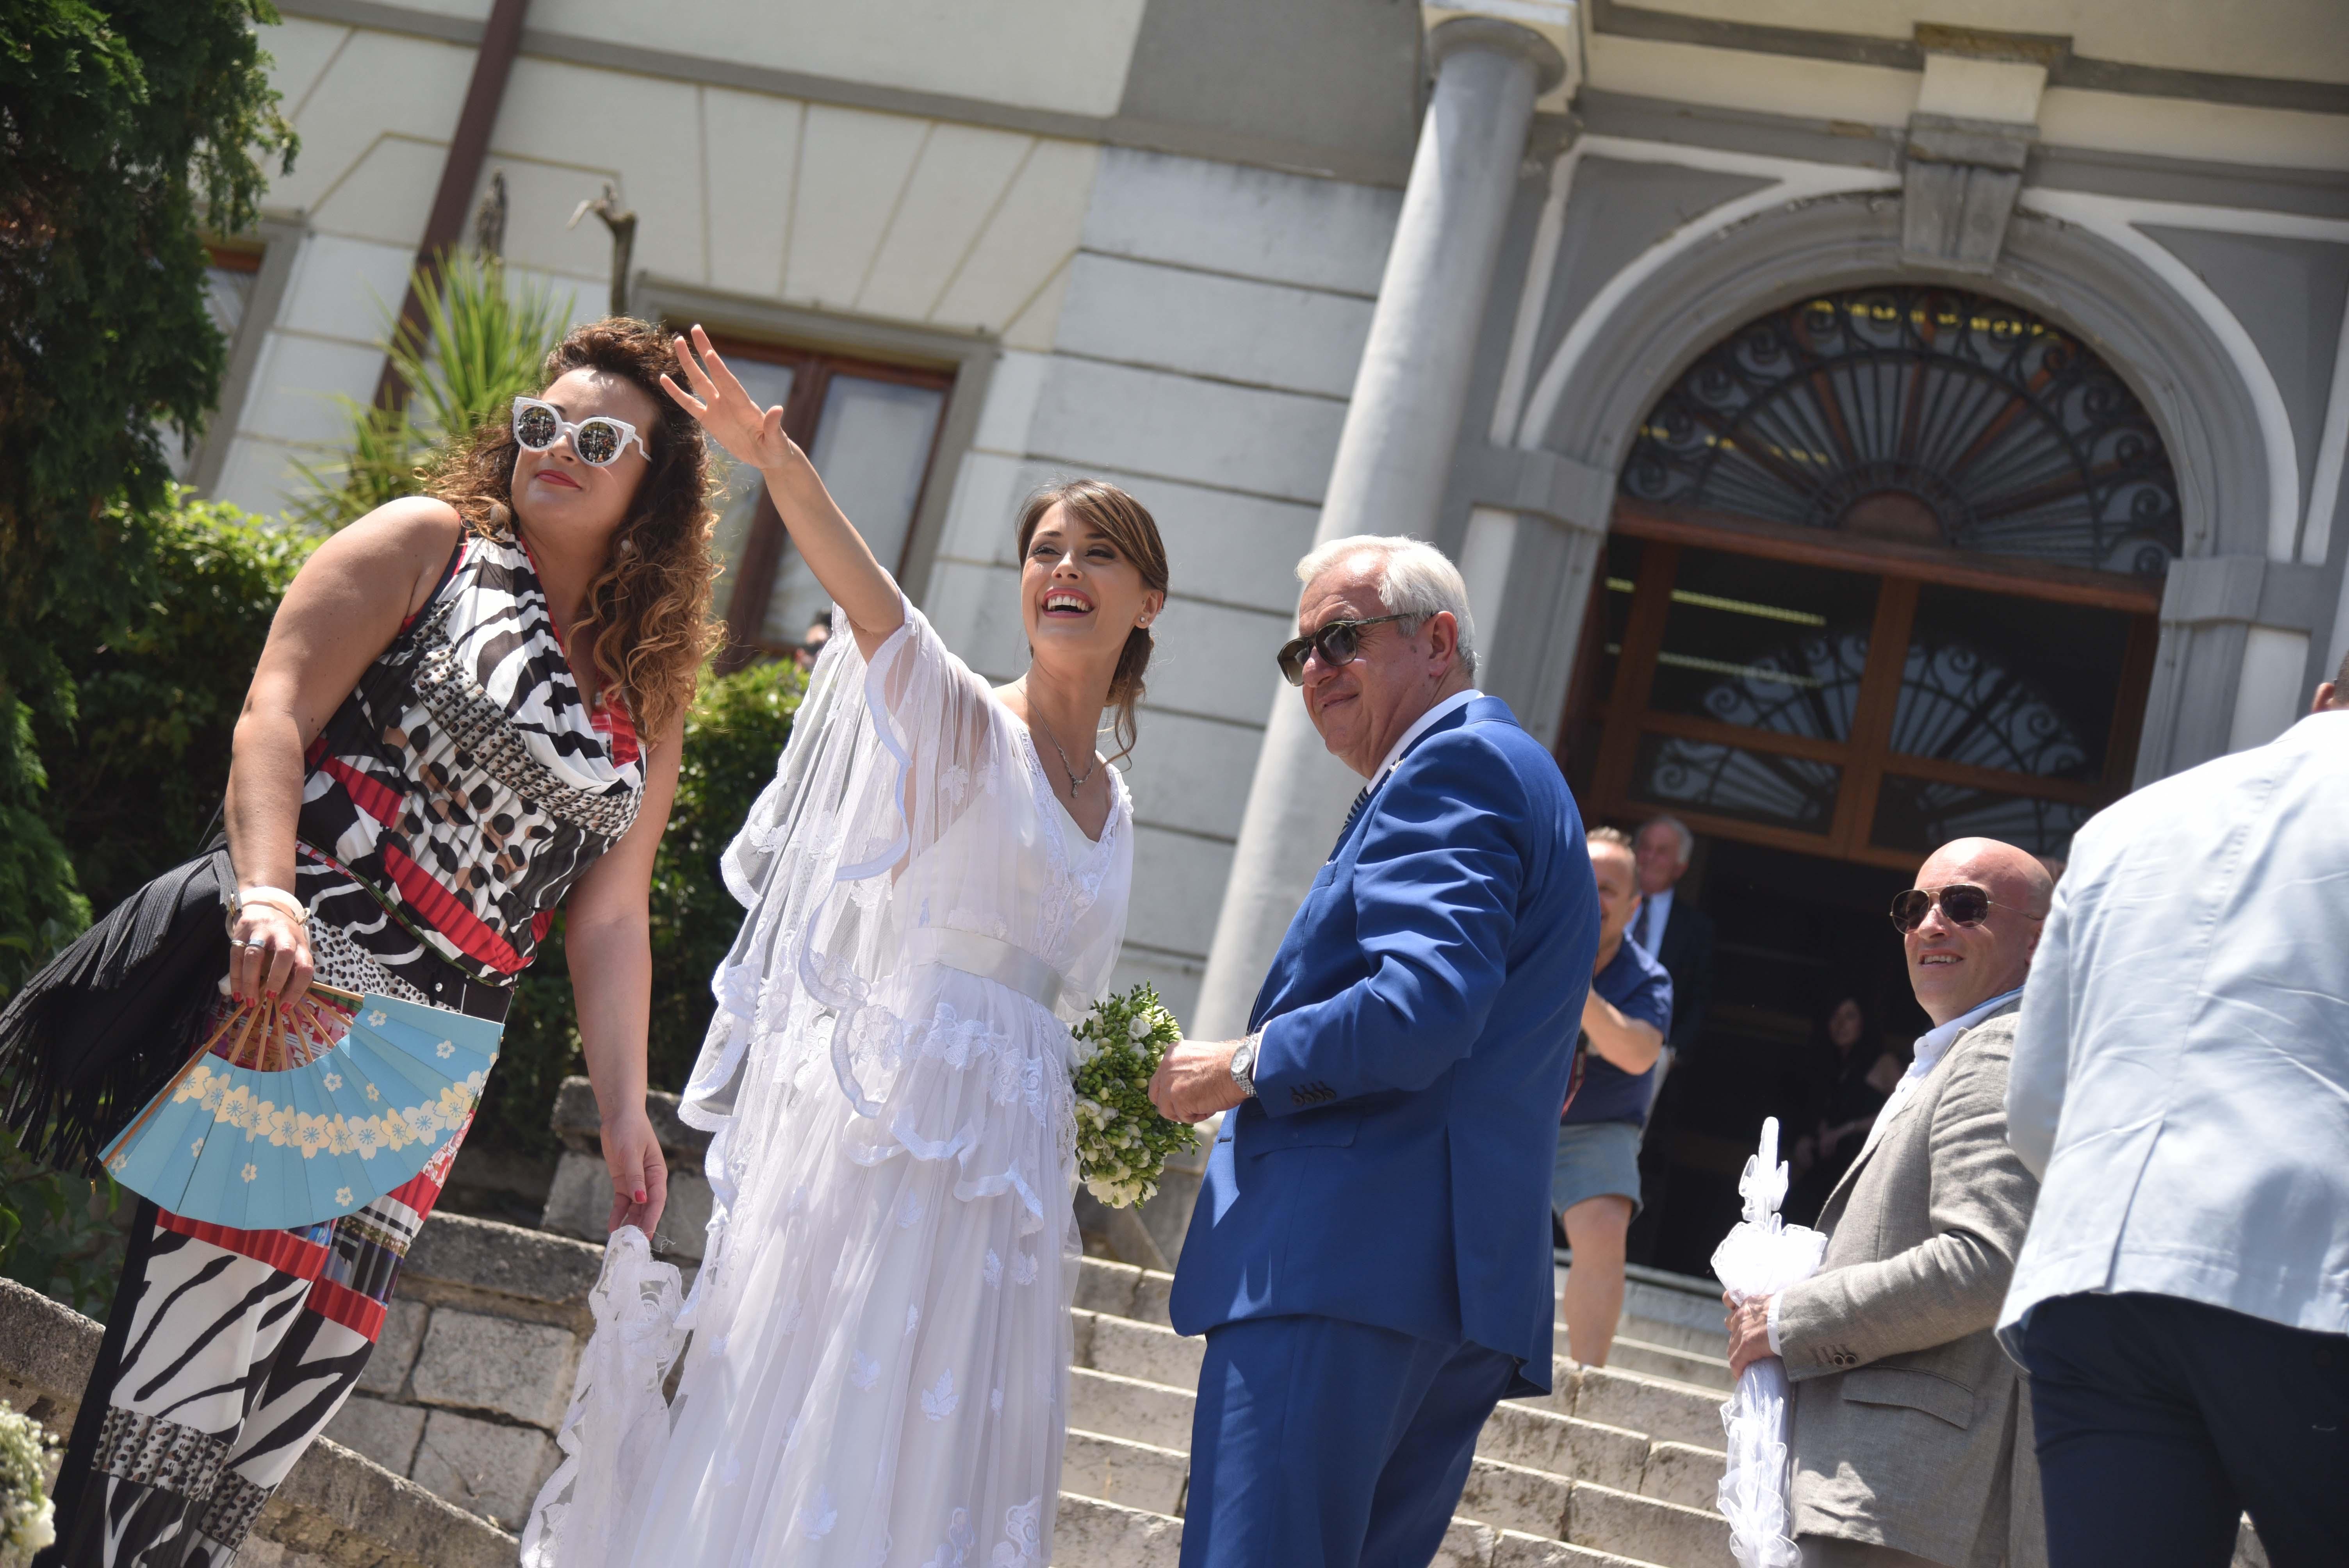 Matrimonio In Comune : Made in sud fatima trotta convola a nozze al comune di